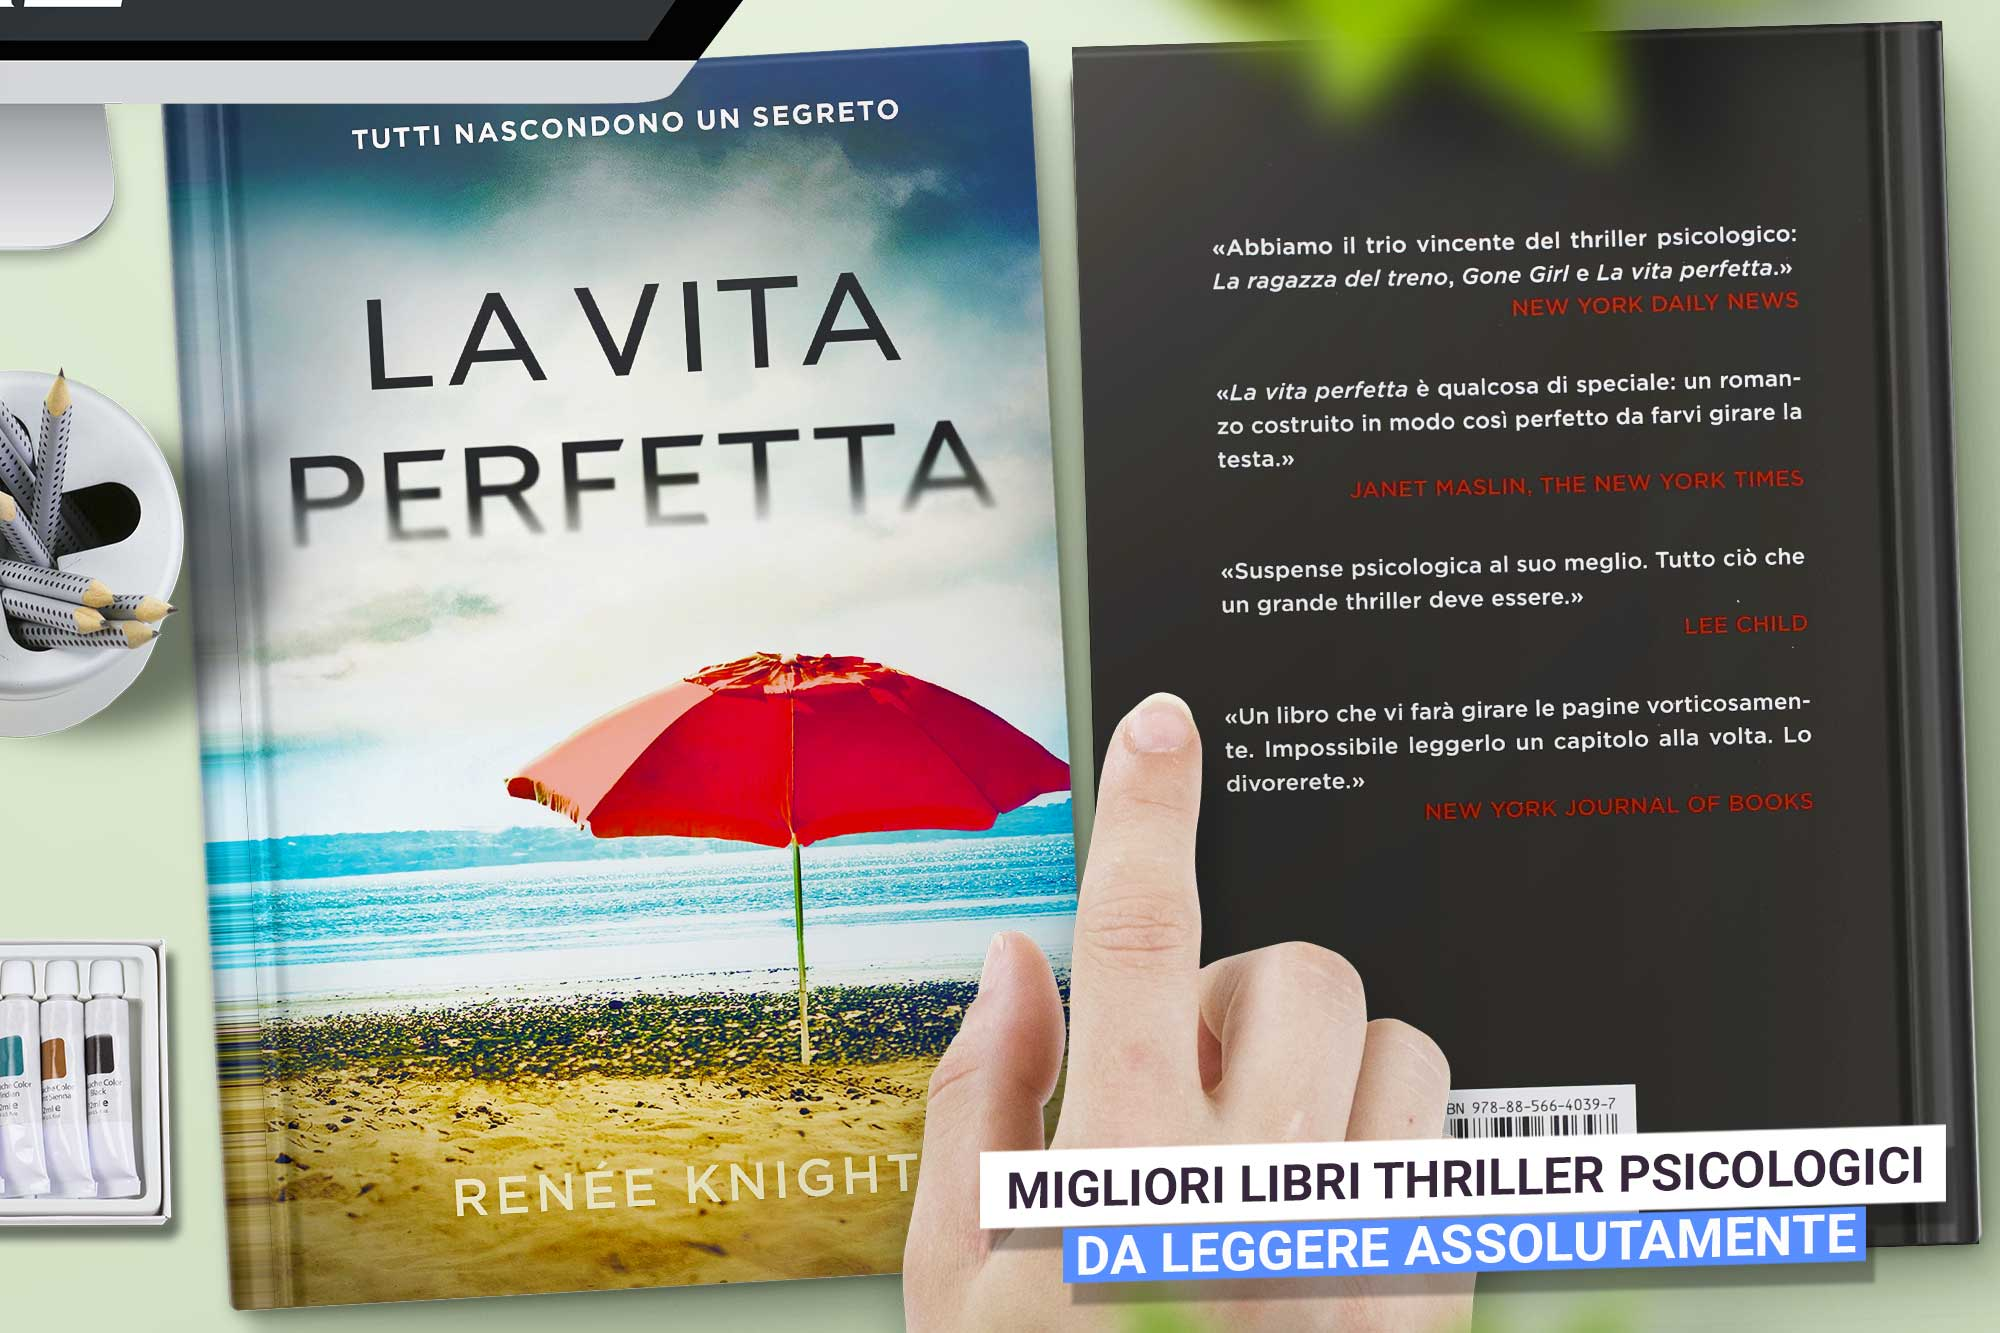 Migliori-libri-thriller-psicologici-la-vita-perfetta